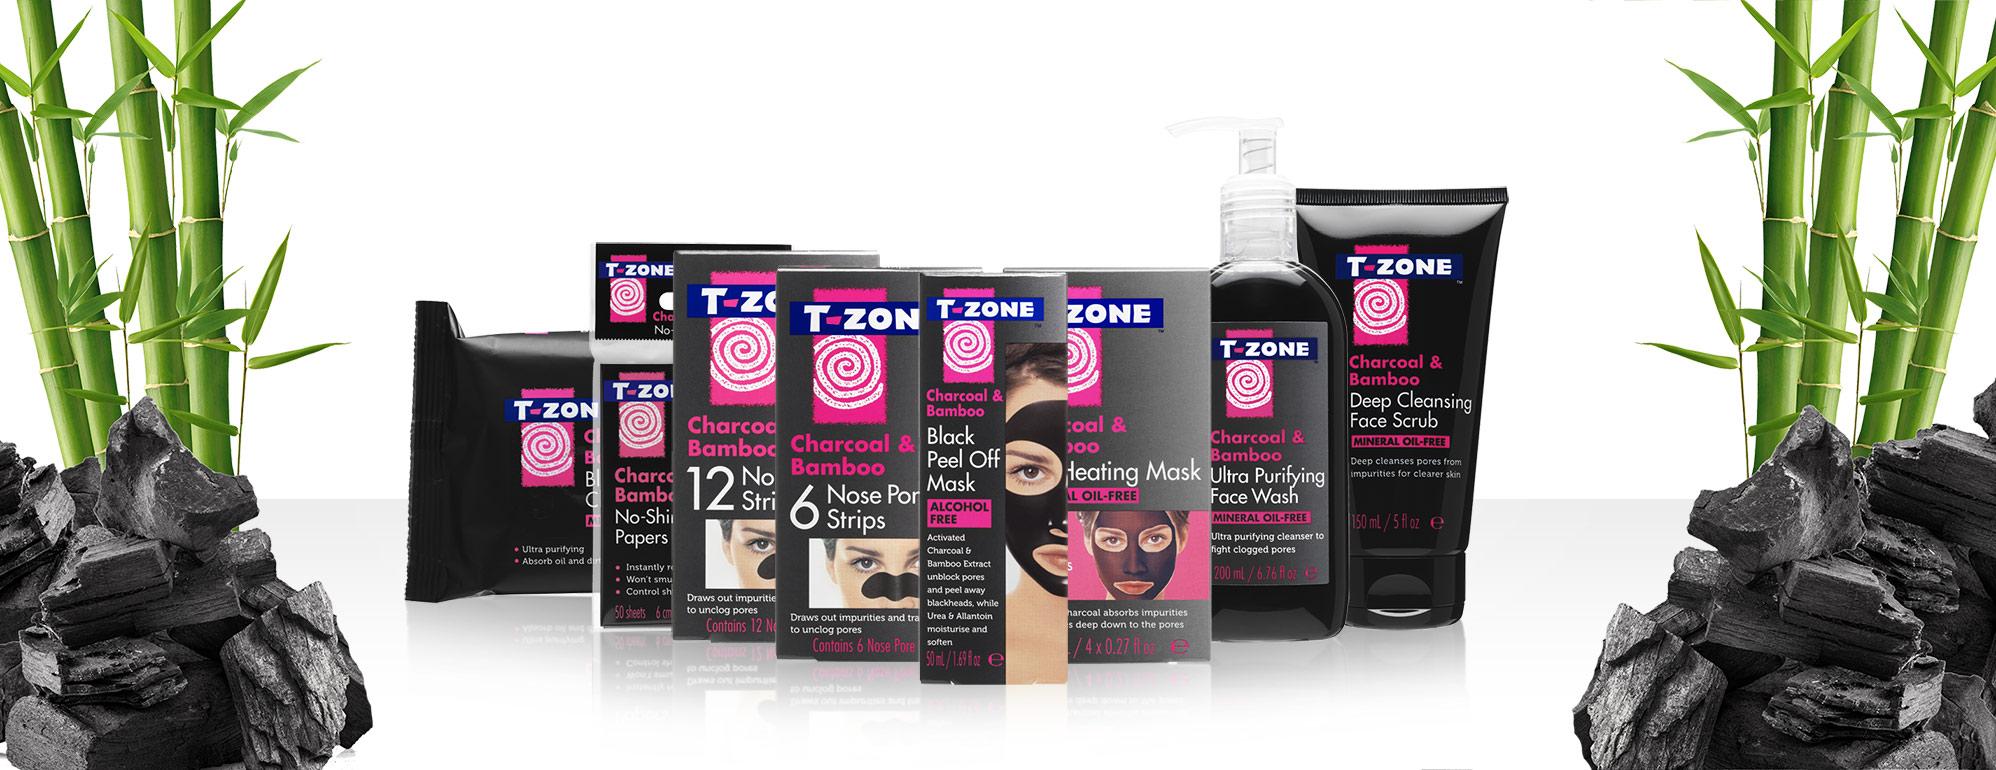 T-Zone Range